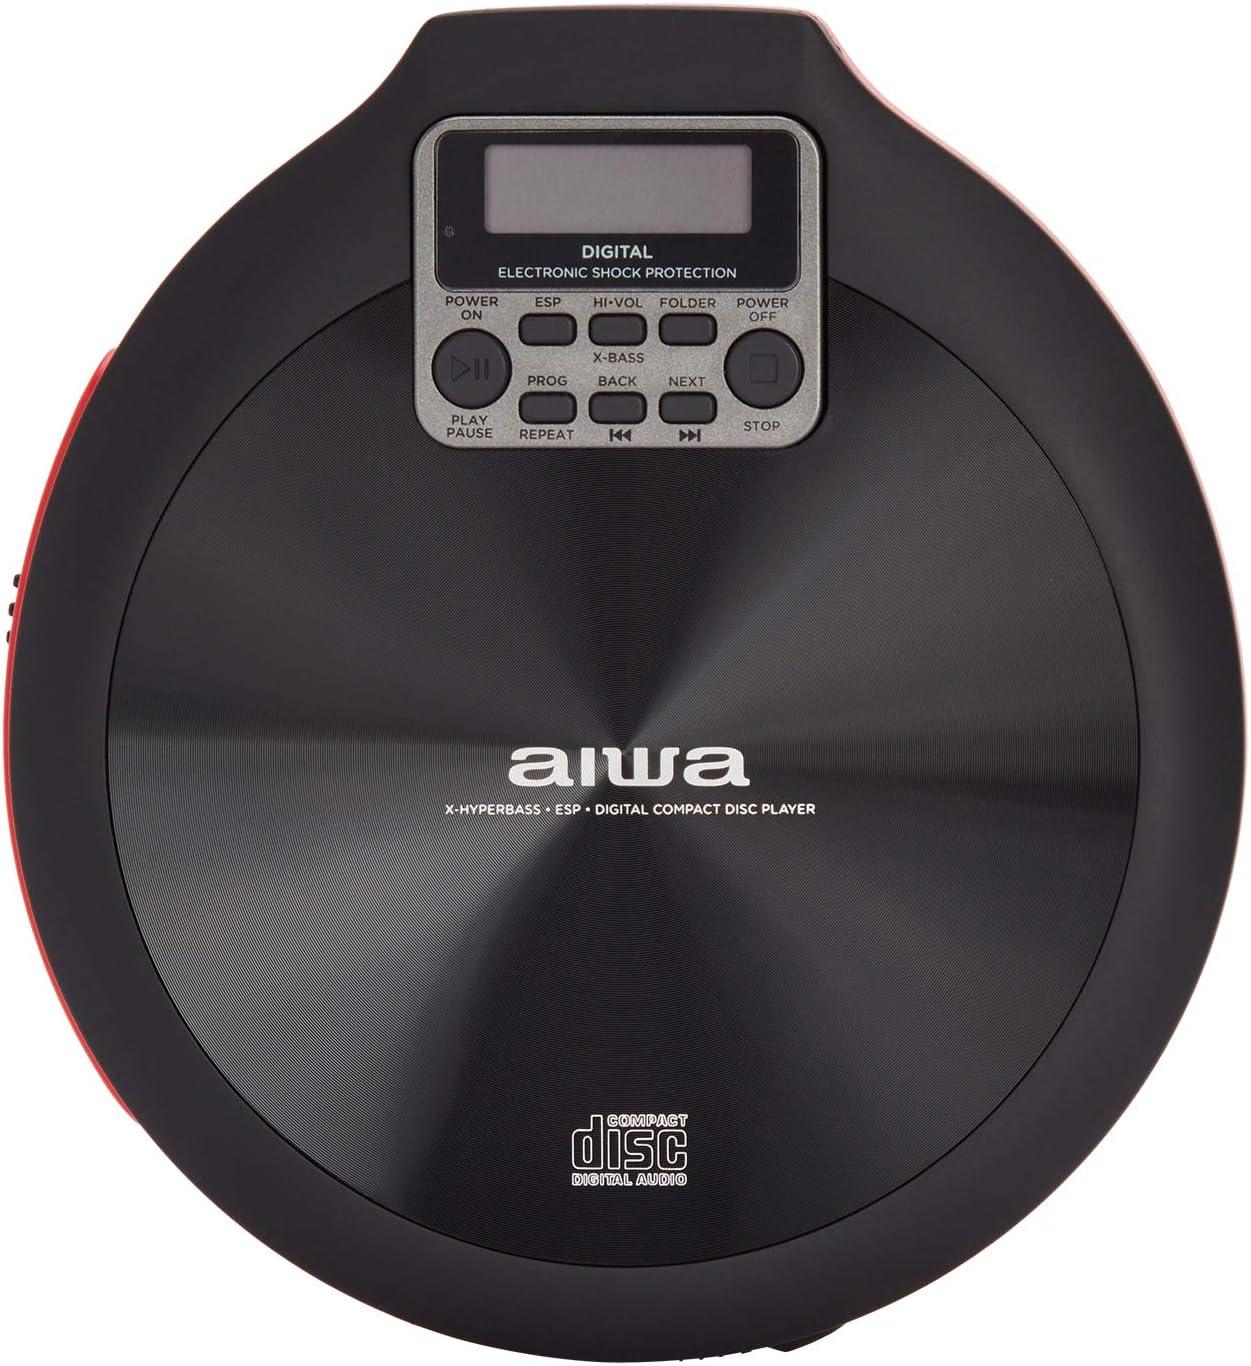 Reproductor de CD AIWA PCD-810RD Color Rojo y Negro